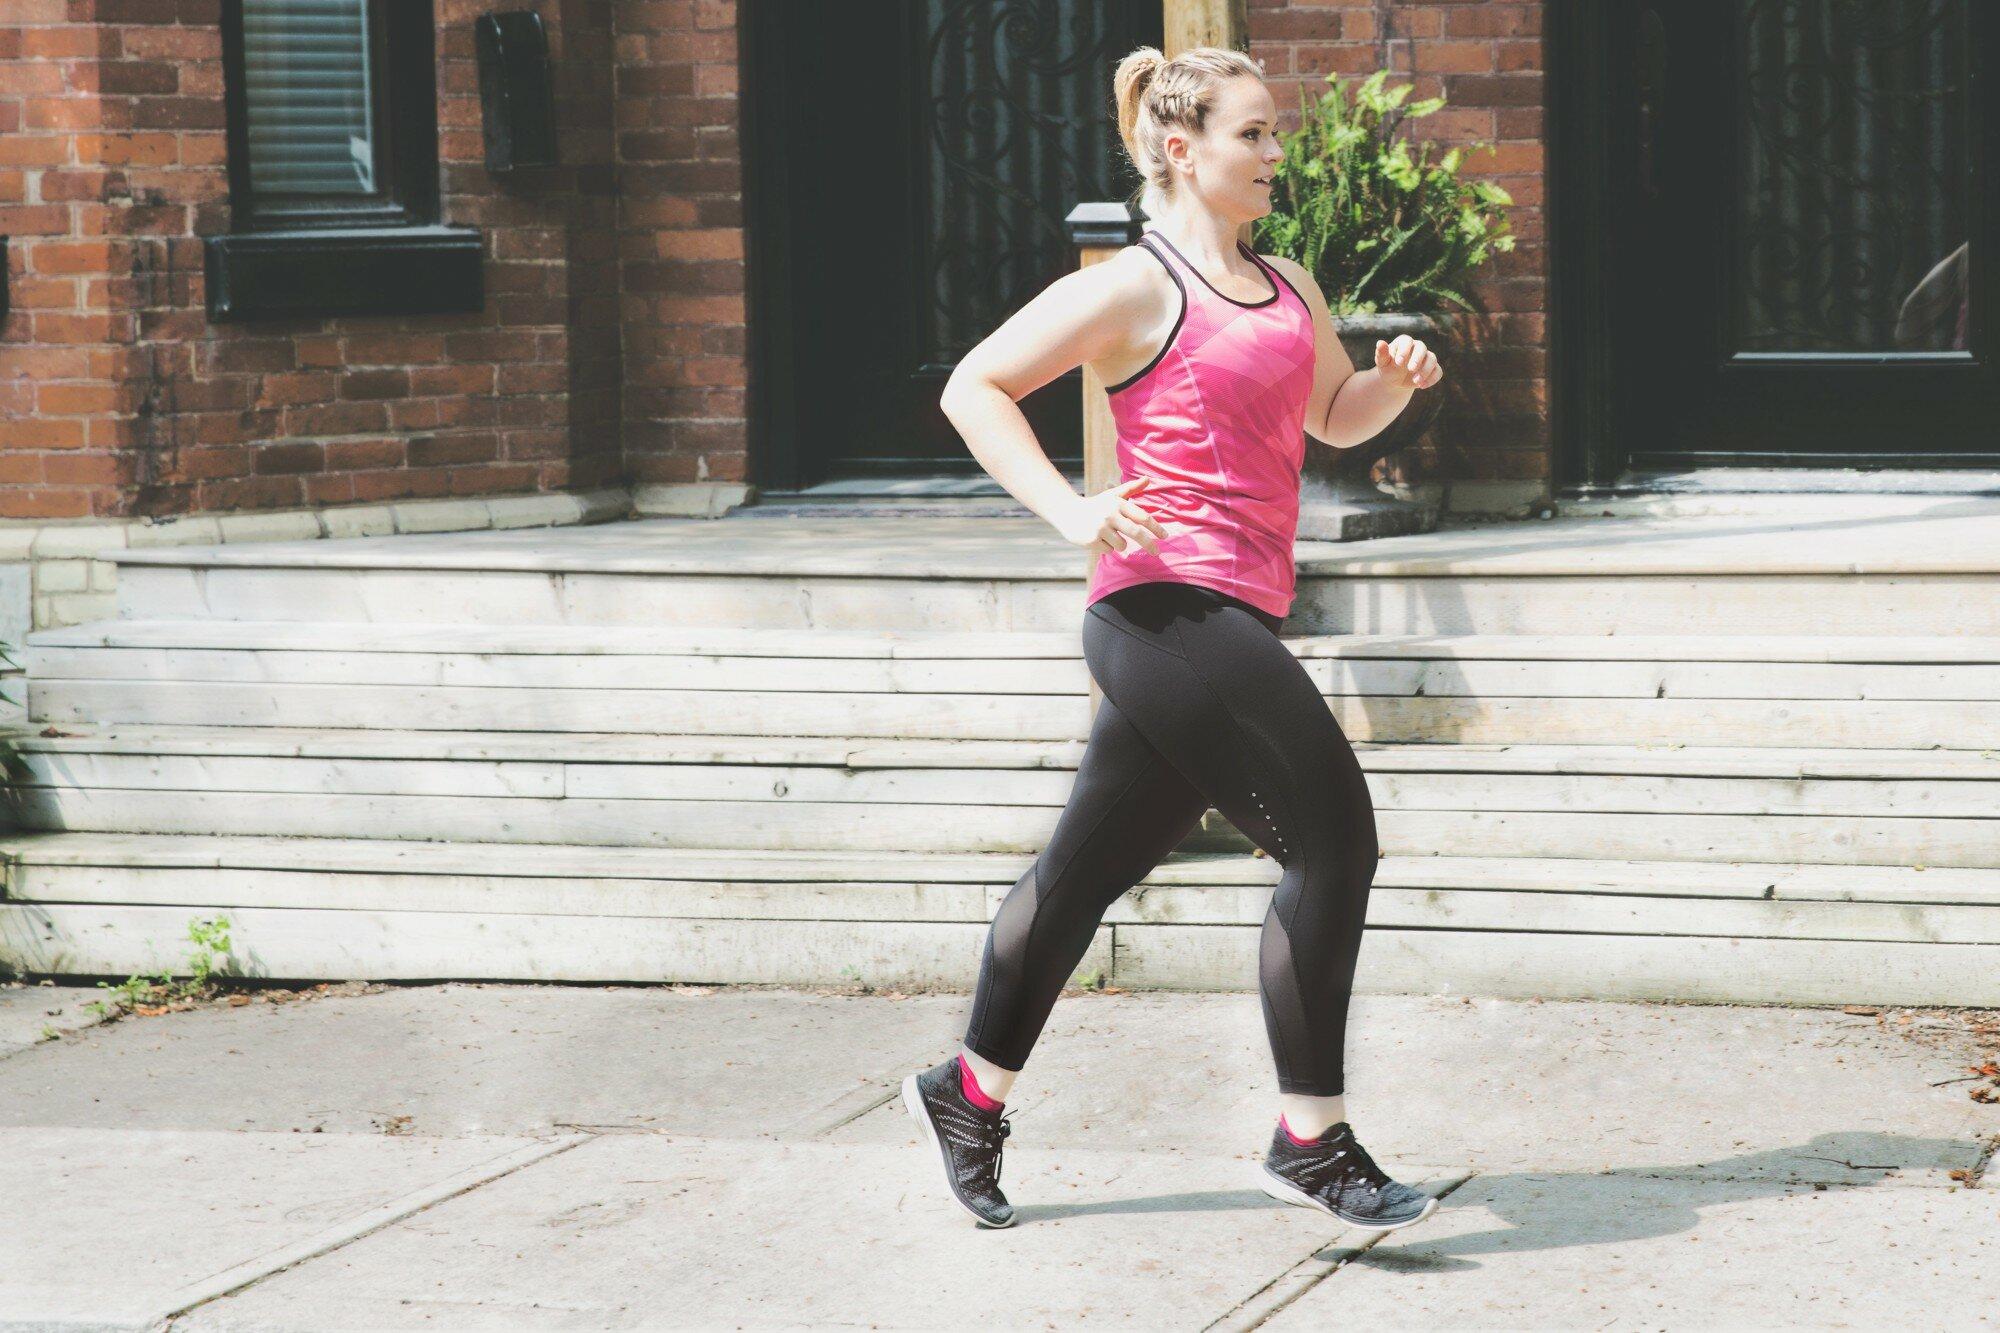 как лучше бегать чтобы похудеть